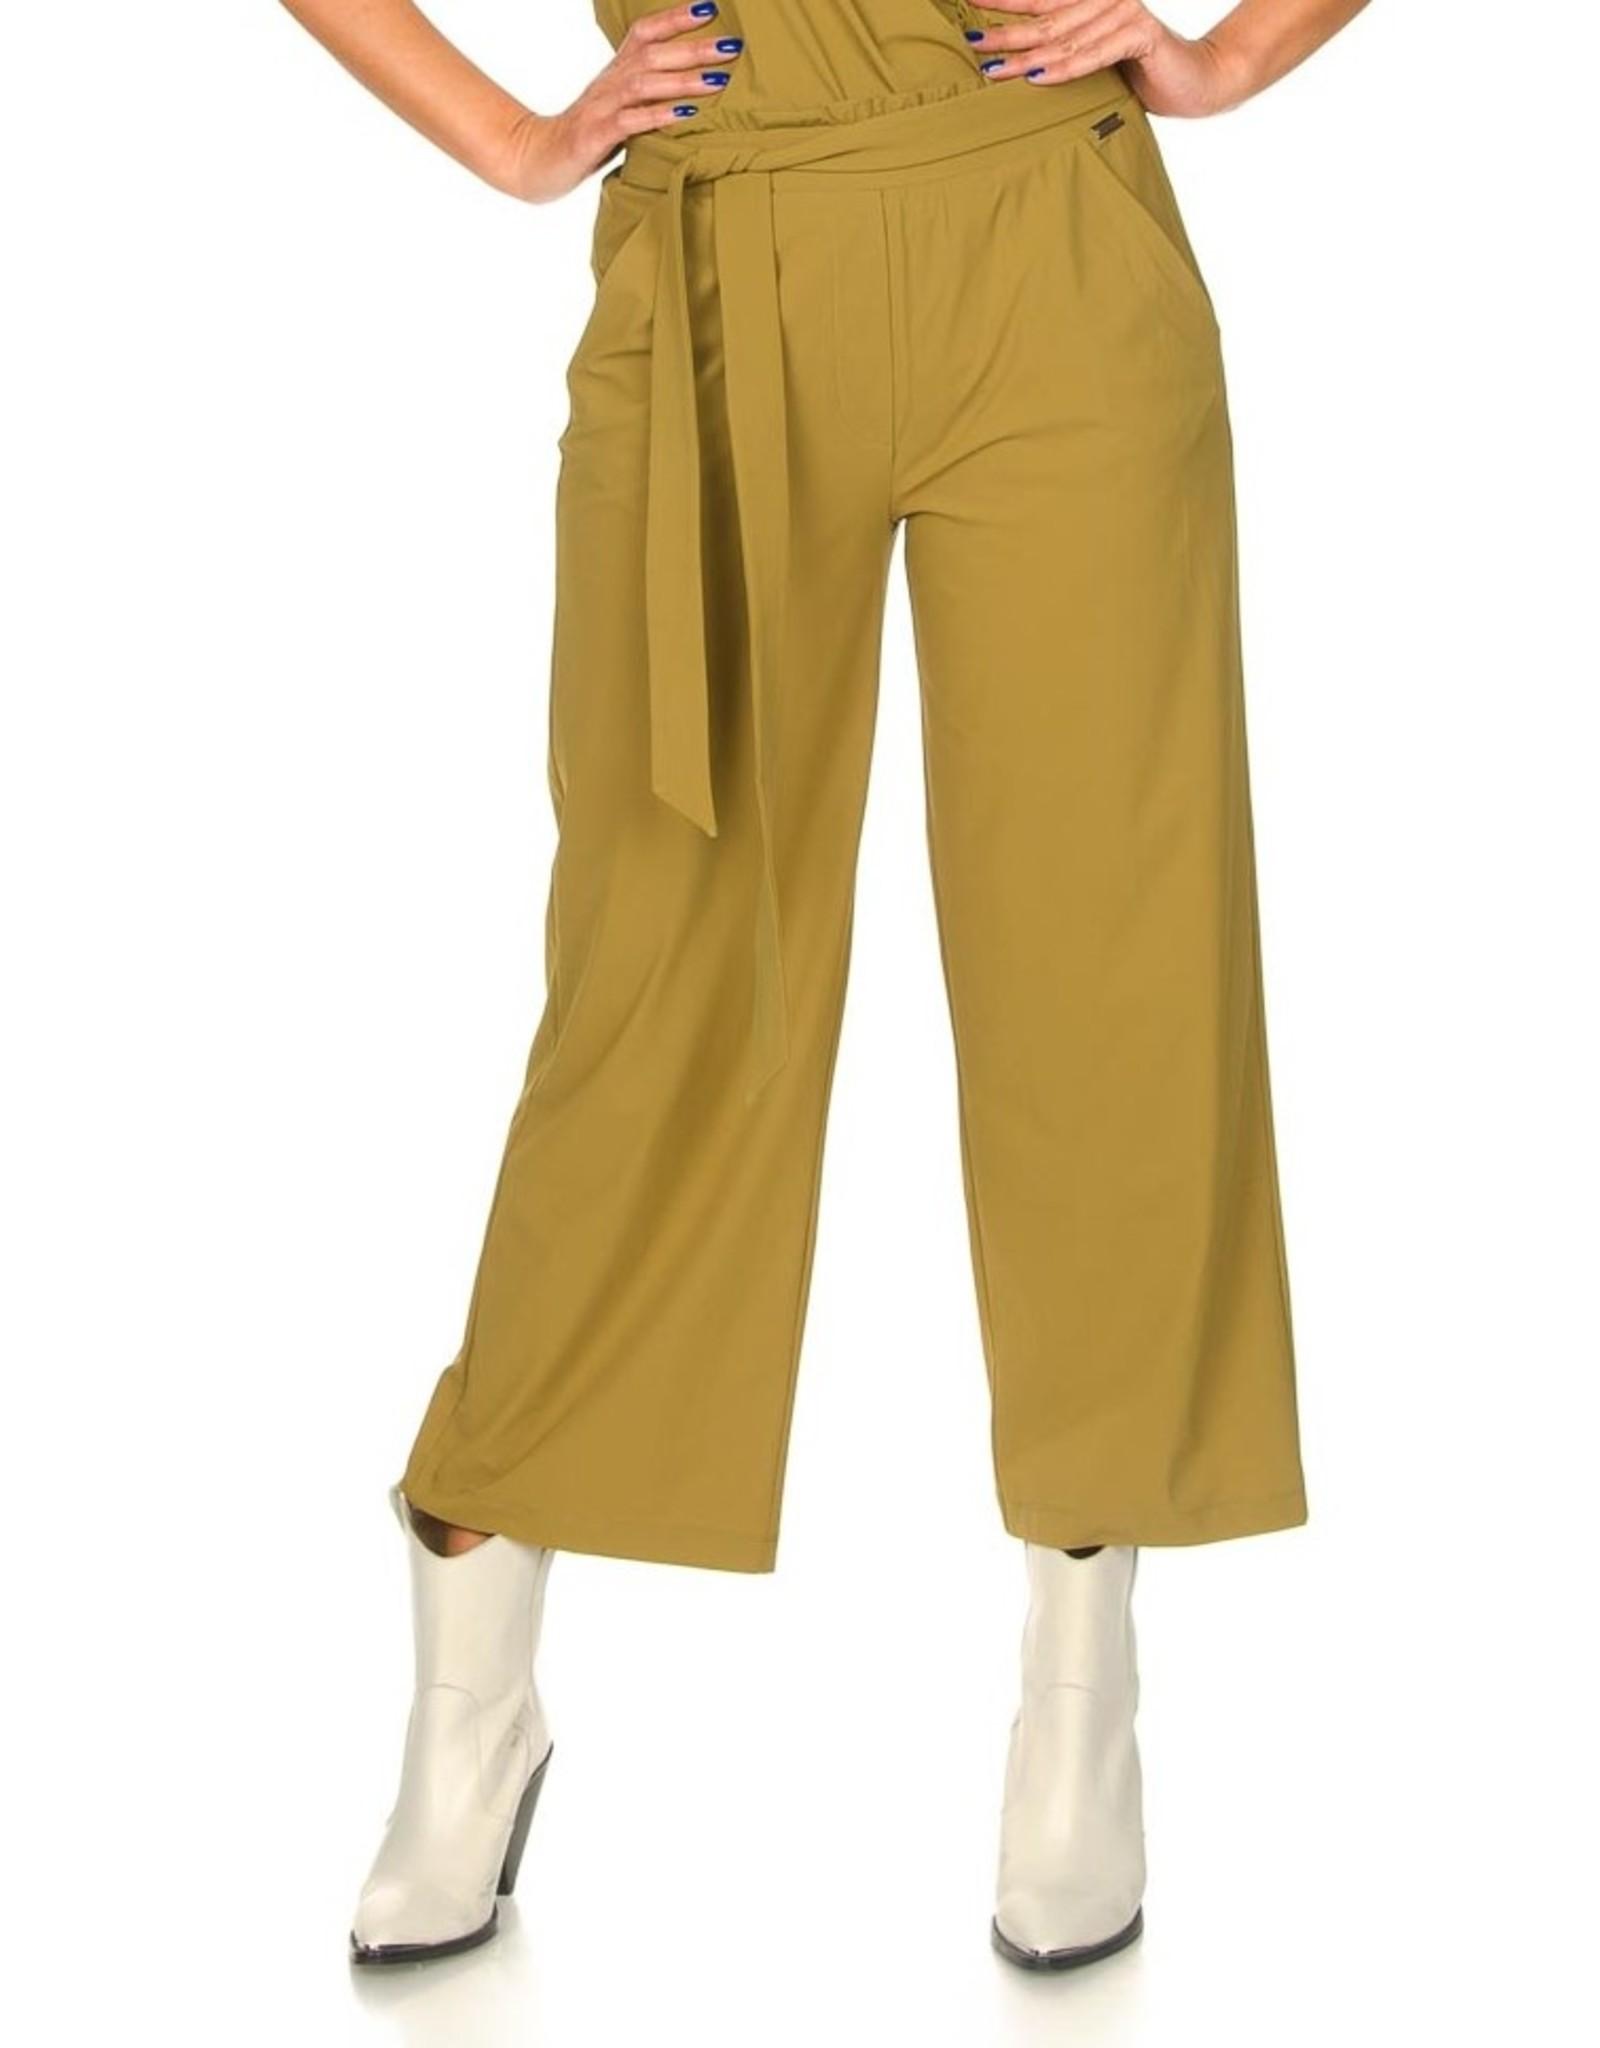 D'etoiles Casiopé Pantalon Blonde Amazone